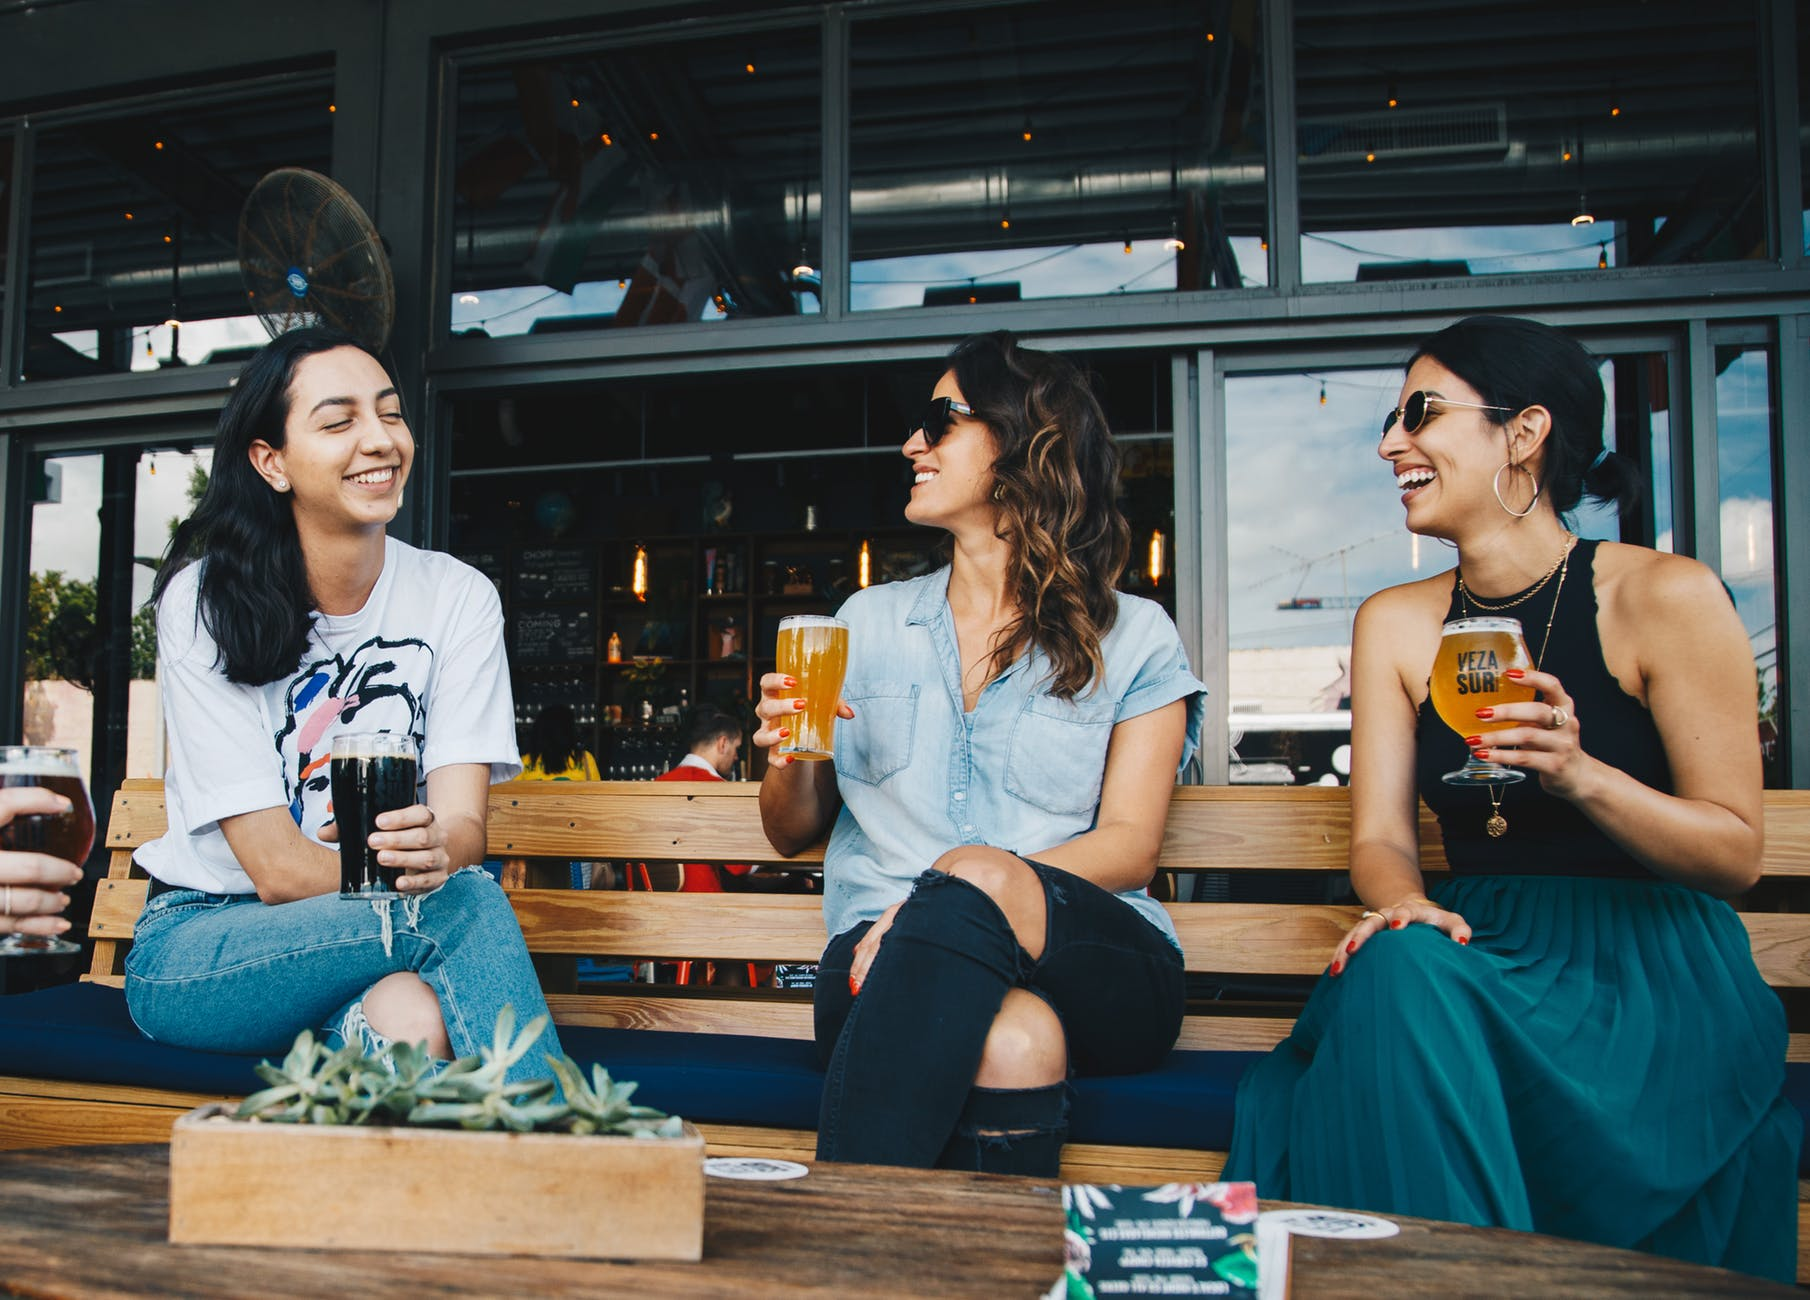 alkohol zena druzenje smijeh zdravlje